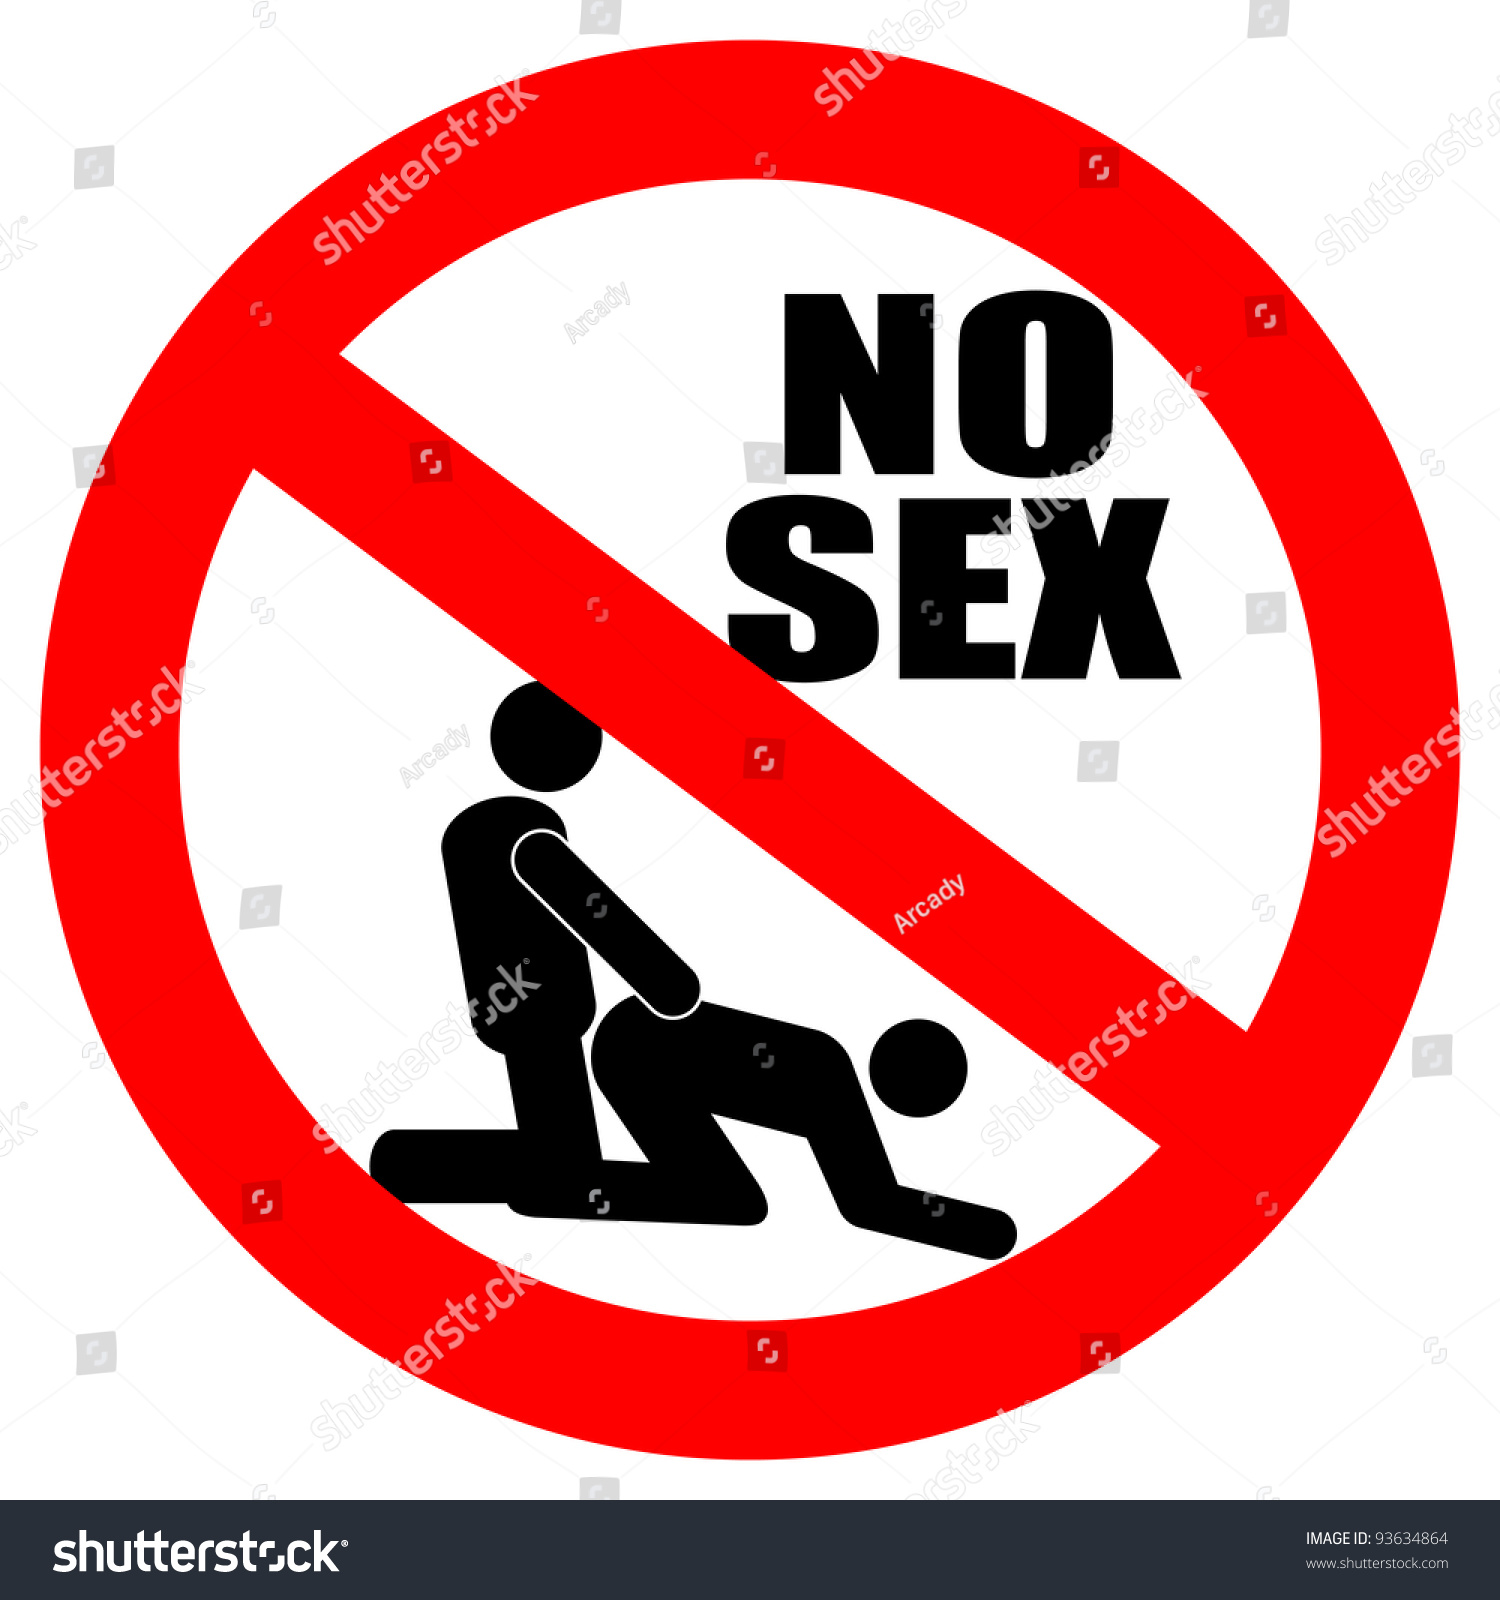 swingers no 1 gratis dansk sex